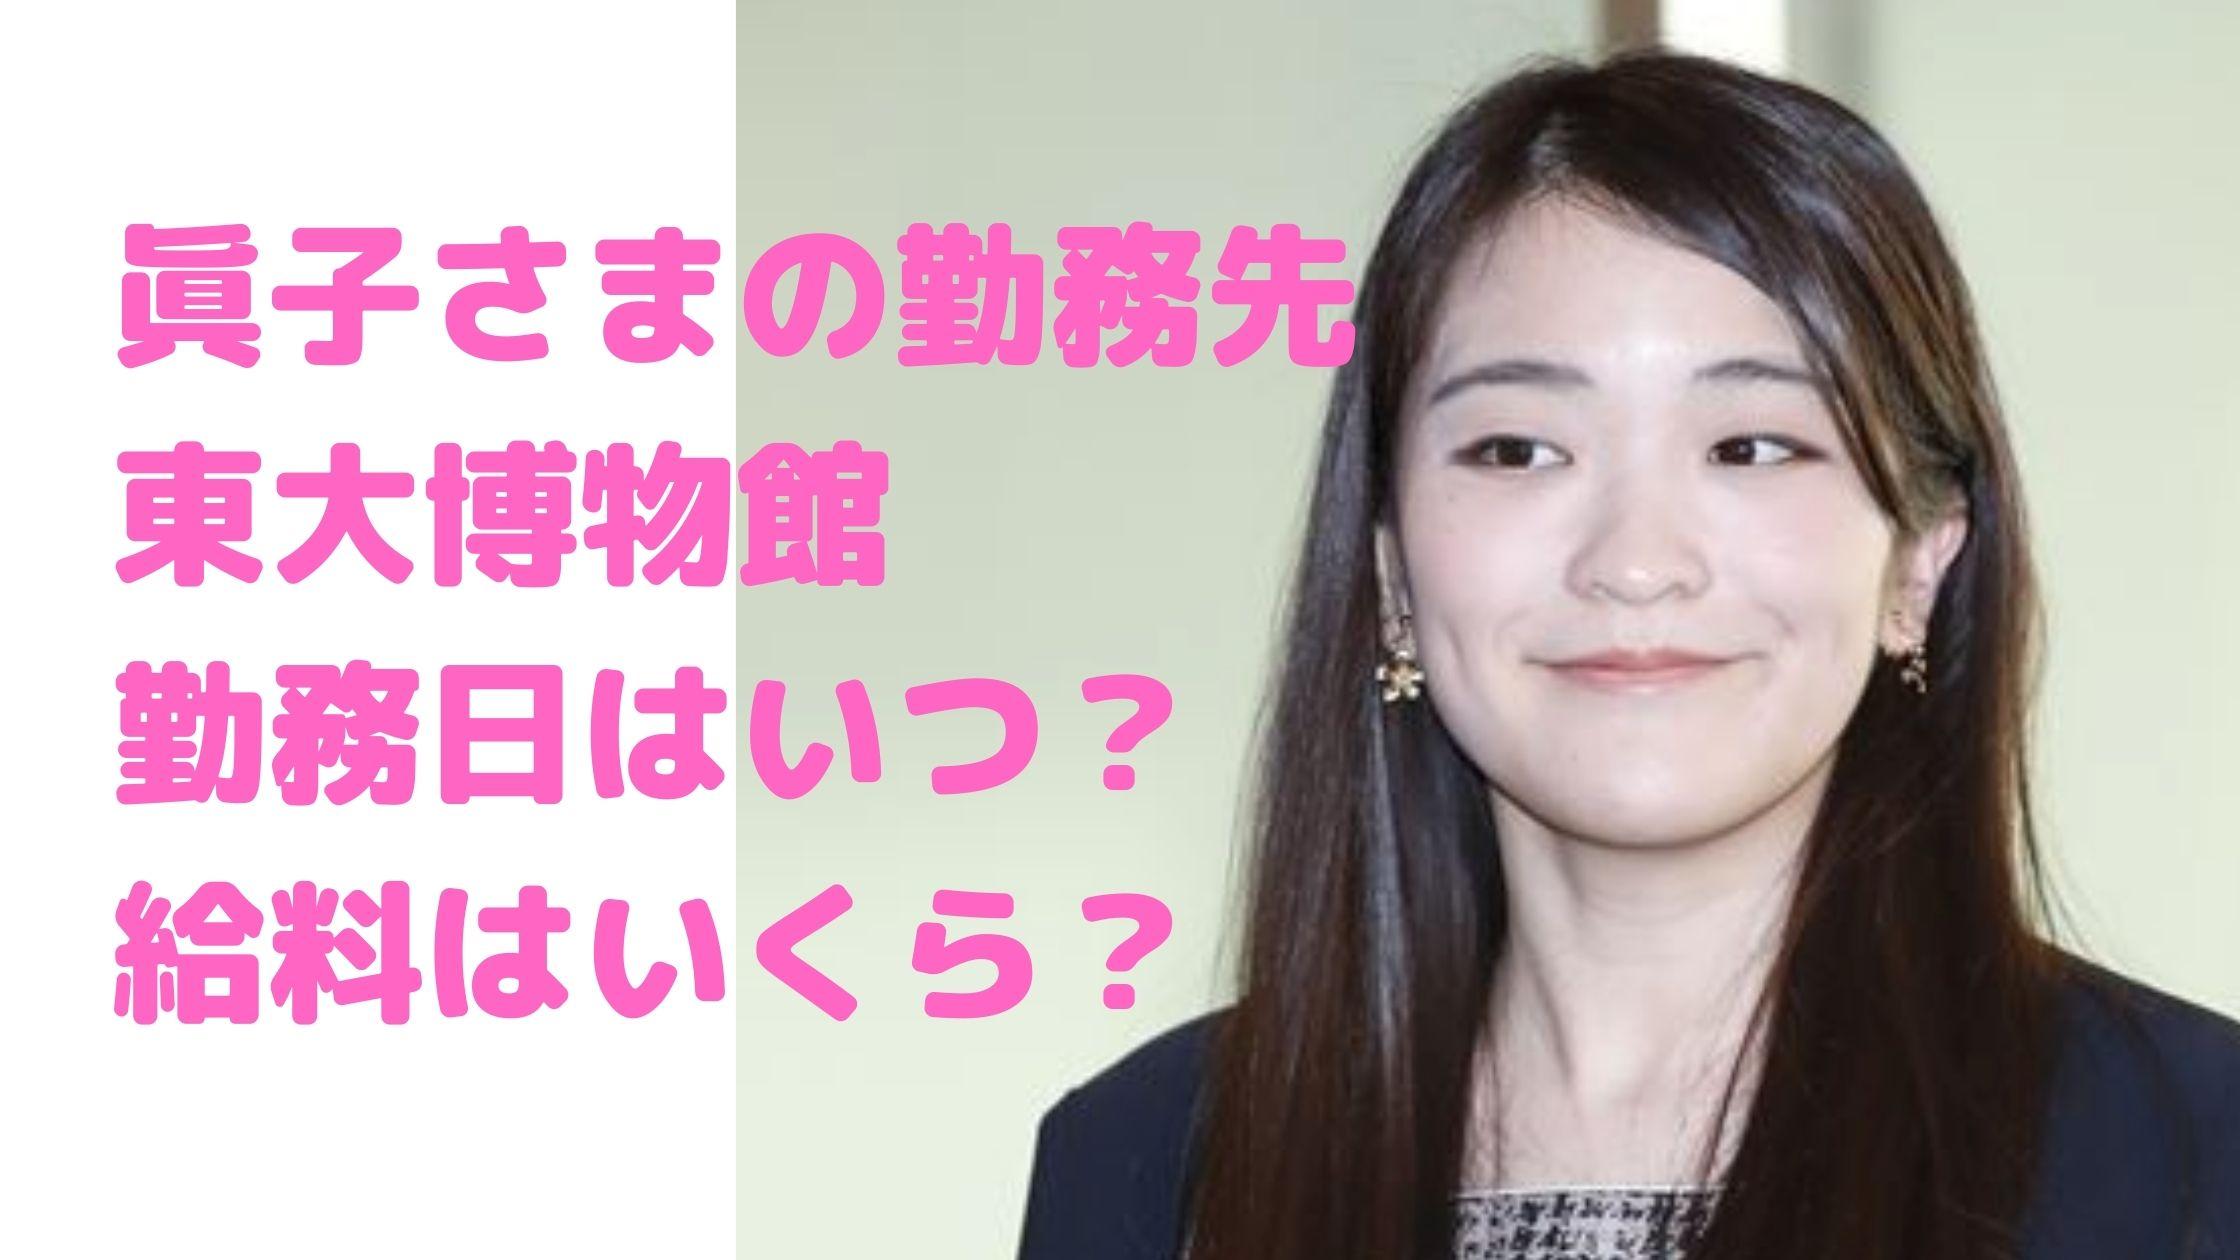 眞子さま 勤務先 東大博物館 インターメディアテク 勤務日 仕事内容 給料 いくら